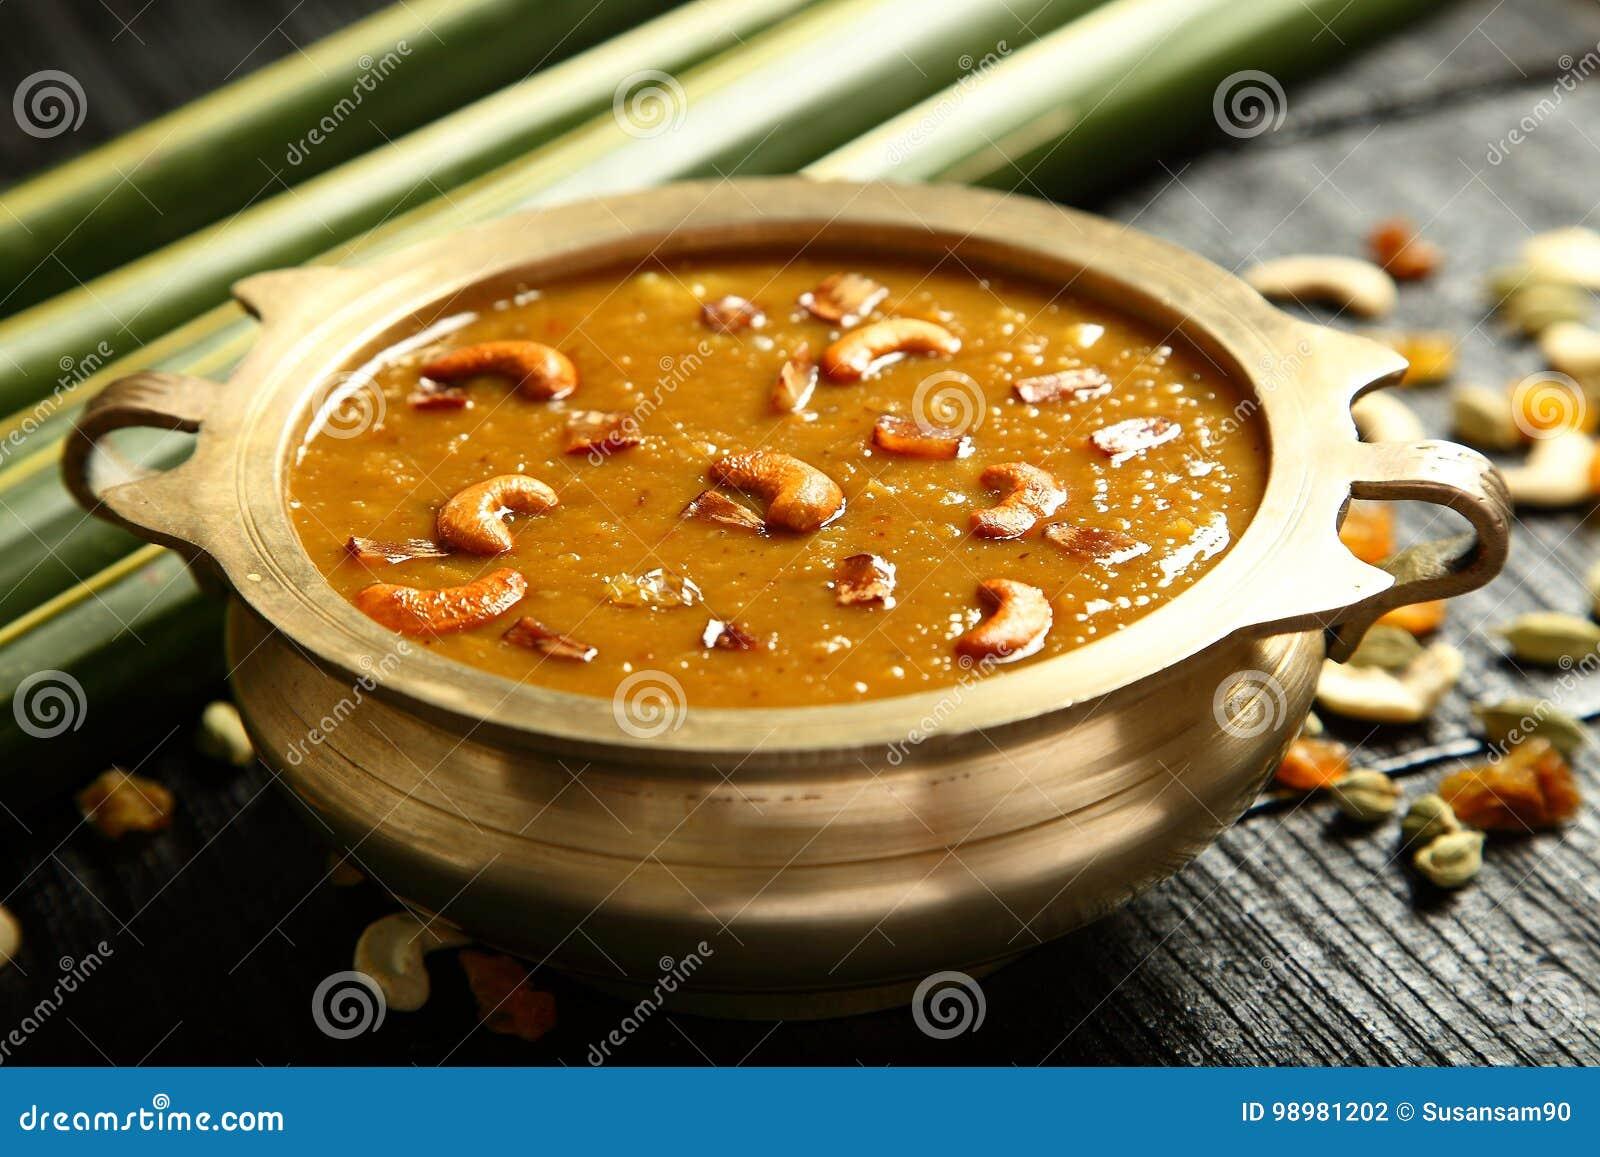 Cuisine- van Kerala Heerlijke payasam of kheer